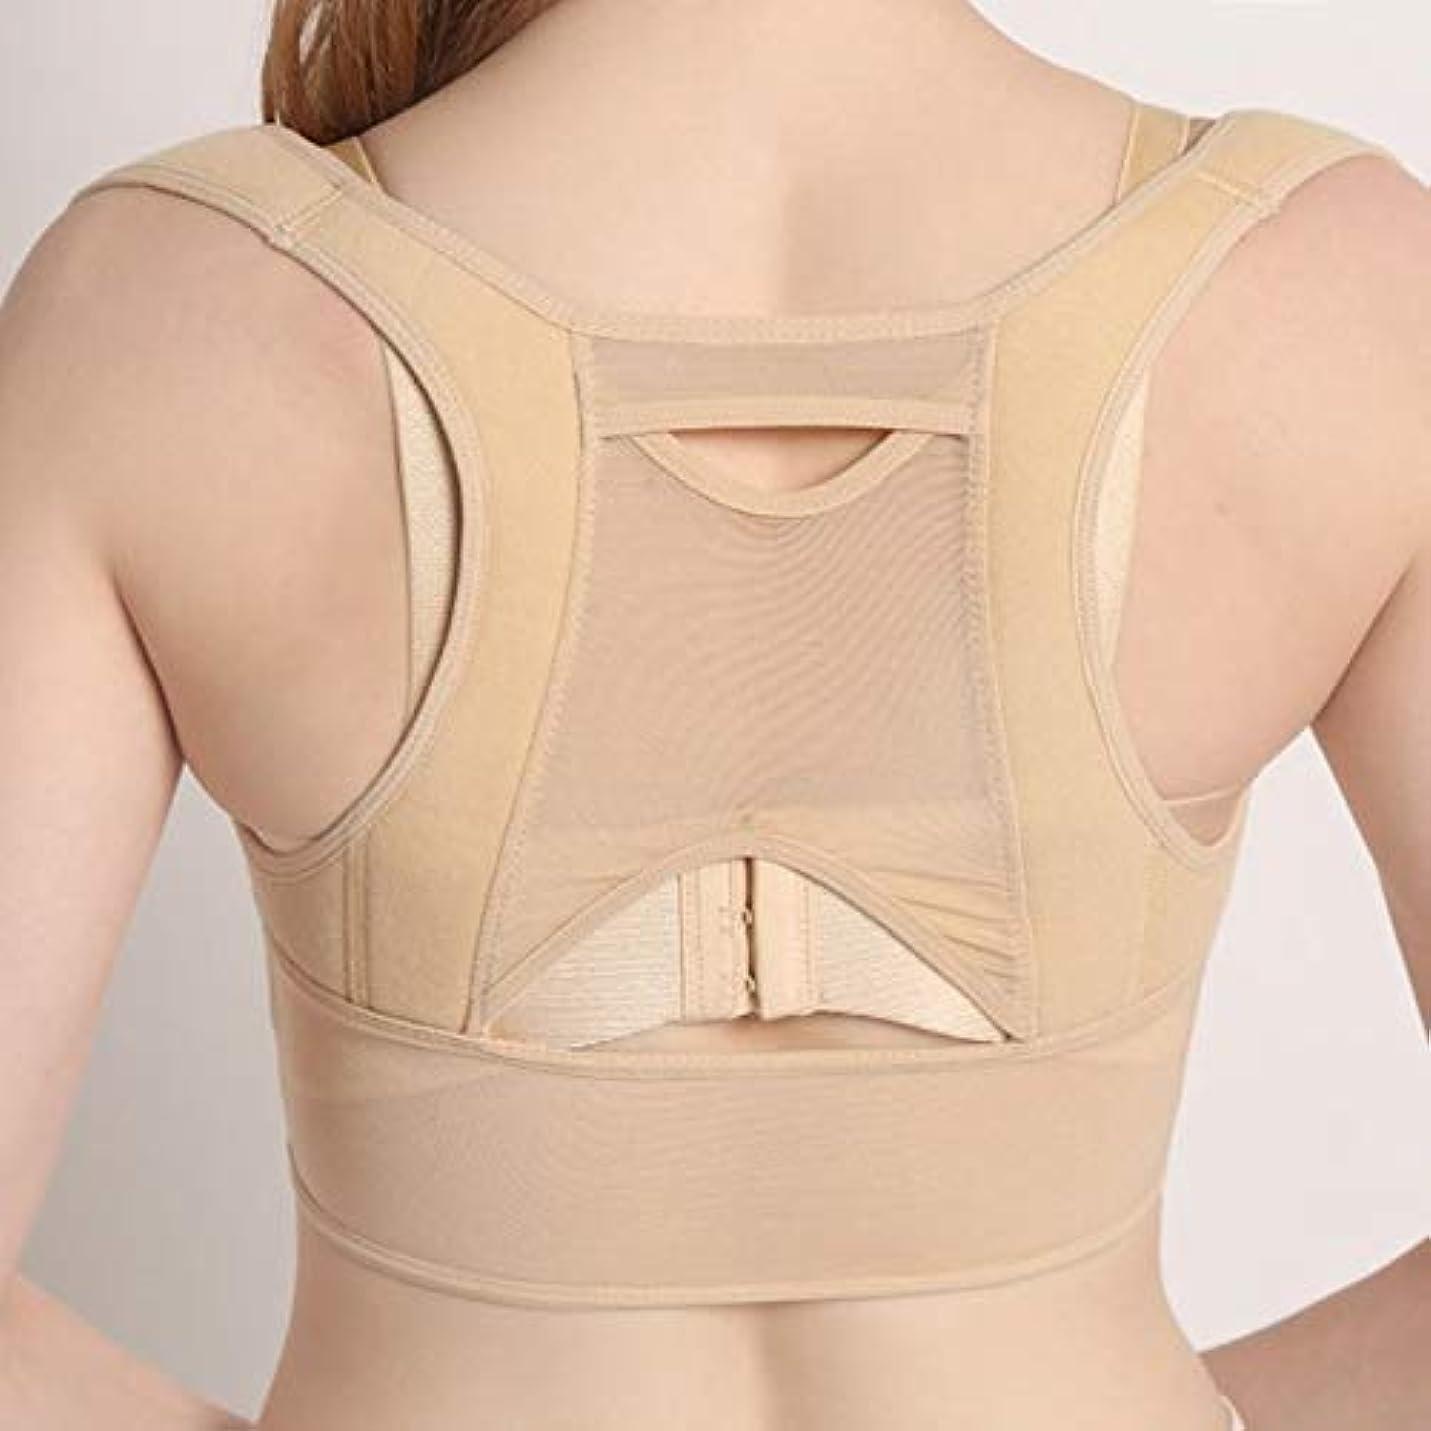 ケーキ等価風変わりな通気性のある女性の背中の姿勢矯正コルセット整形外科の肩の背骨の姿勢矯正腰椎サポート - ベージュホワイトM